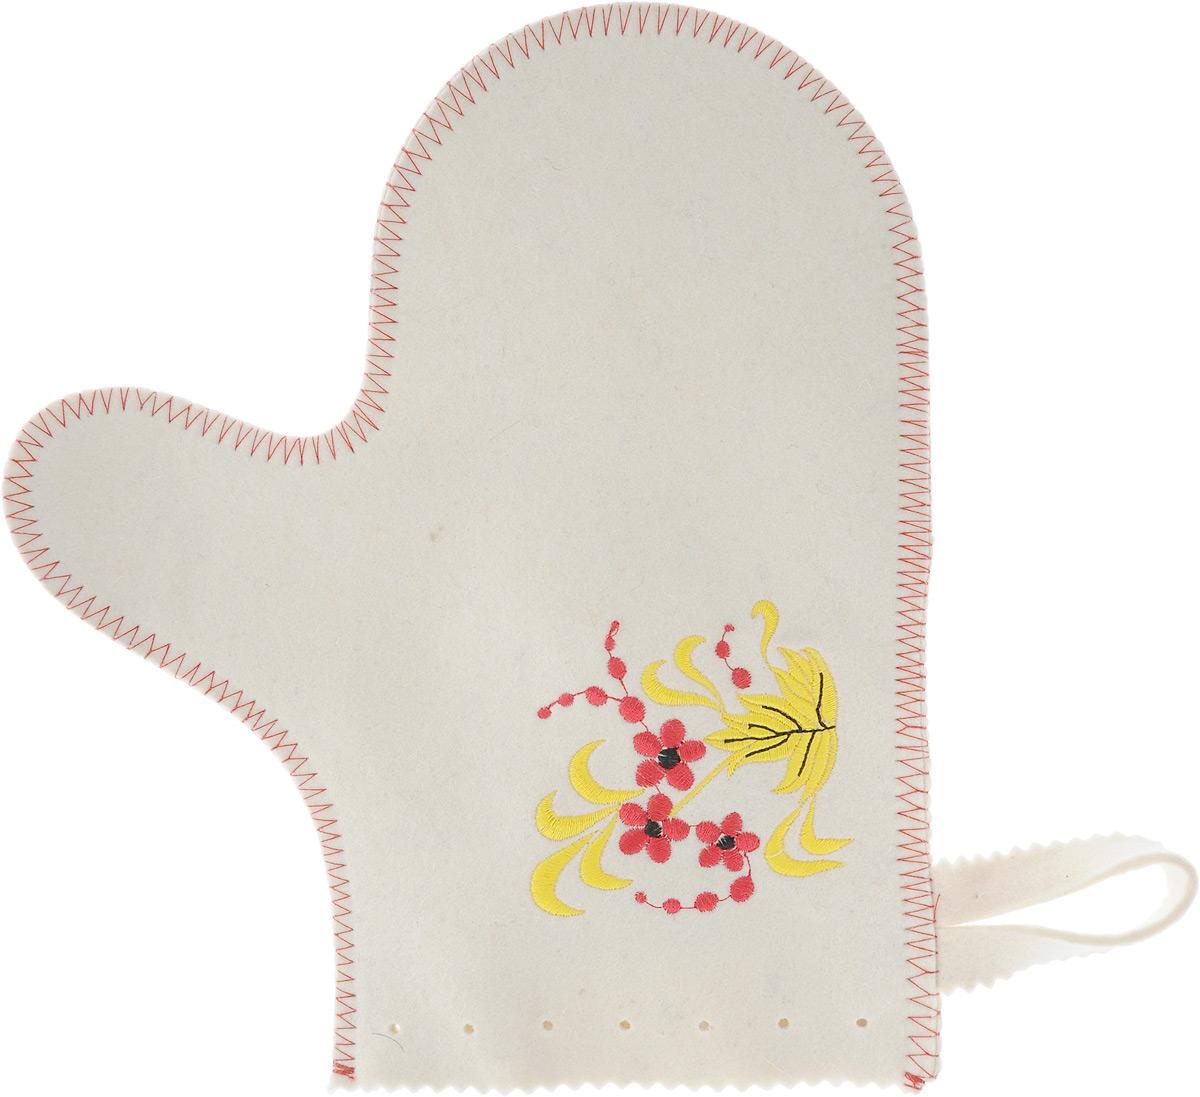 Рукавица для бани и сауны Хохлома41212Рукавица - полезный банный аксессуар. Такая рукавица убережет ваши руки от горячего пара. Также ею можно прекрасно промассировать тело. Рукавица декорирована вышивкой в стиле хохлома. При правильном уходе рукавица прослужит долгое время - достаточно просушивать ее, подвешивая за петельку. Характеристики: Материал: 100% шерсть. Длина рукавицы: 26 см. Ширина рукавицы (по верхнему краю): 15 см. Производитель: Россия.